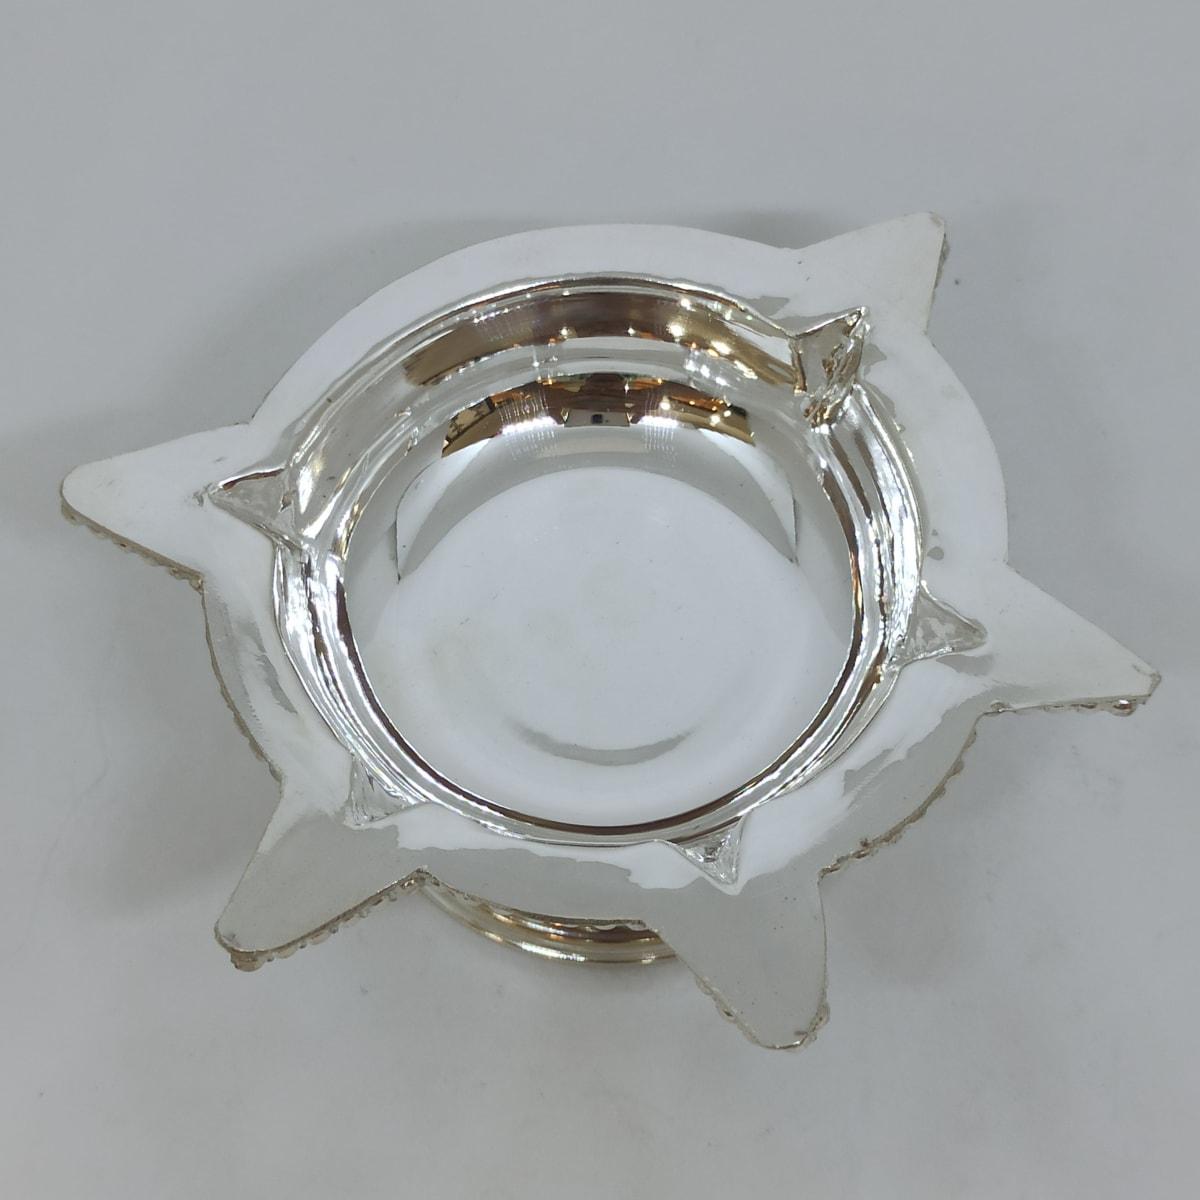 Panchdeepa Plain Silver Deepa